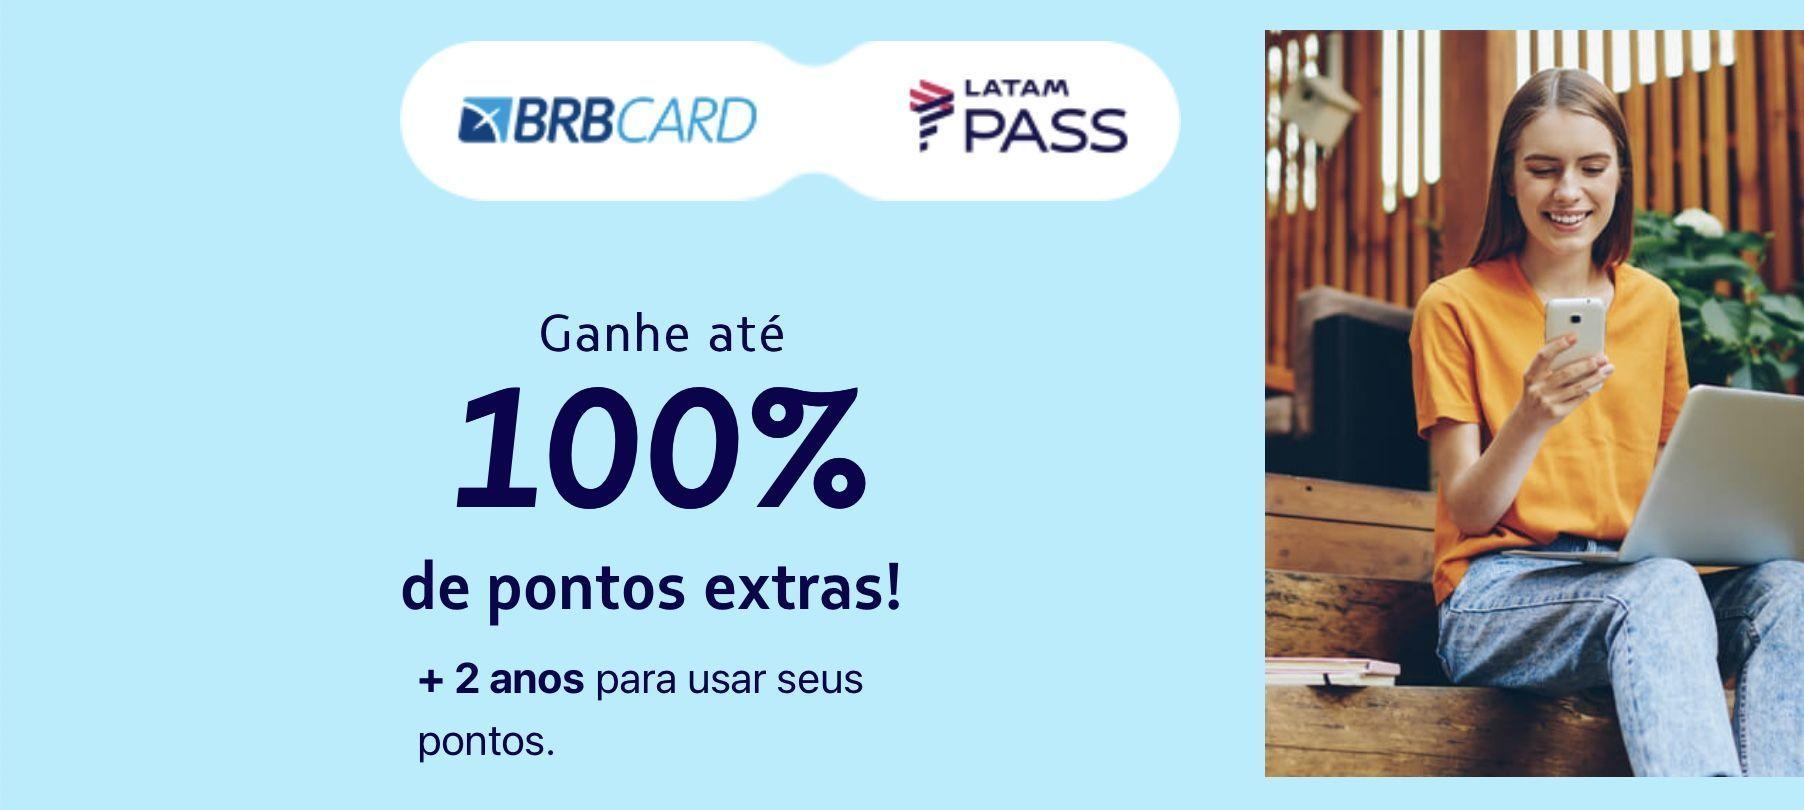 LATAM BRBCARD 100% bônus